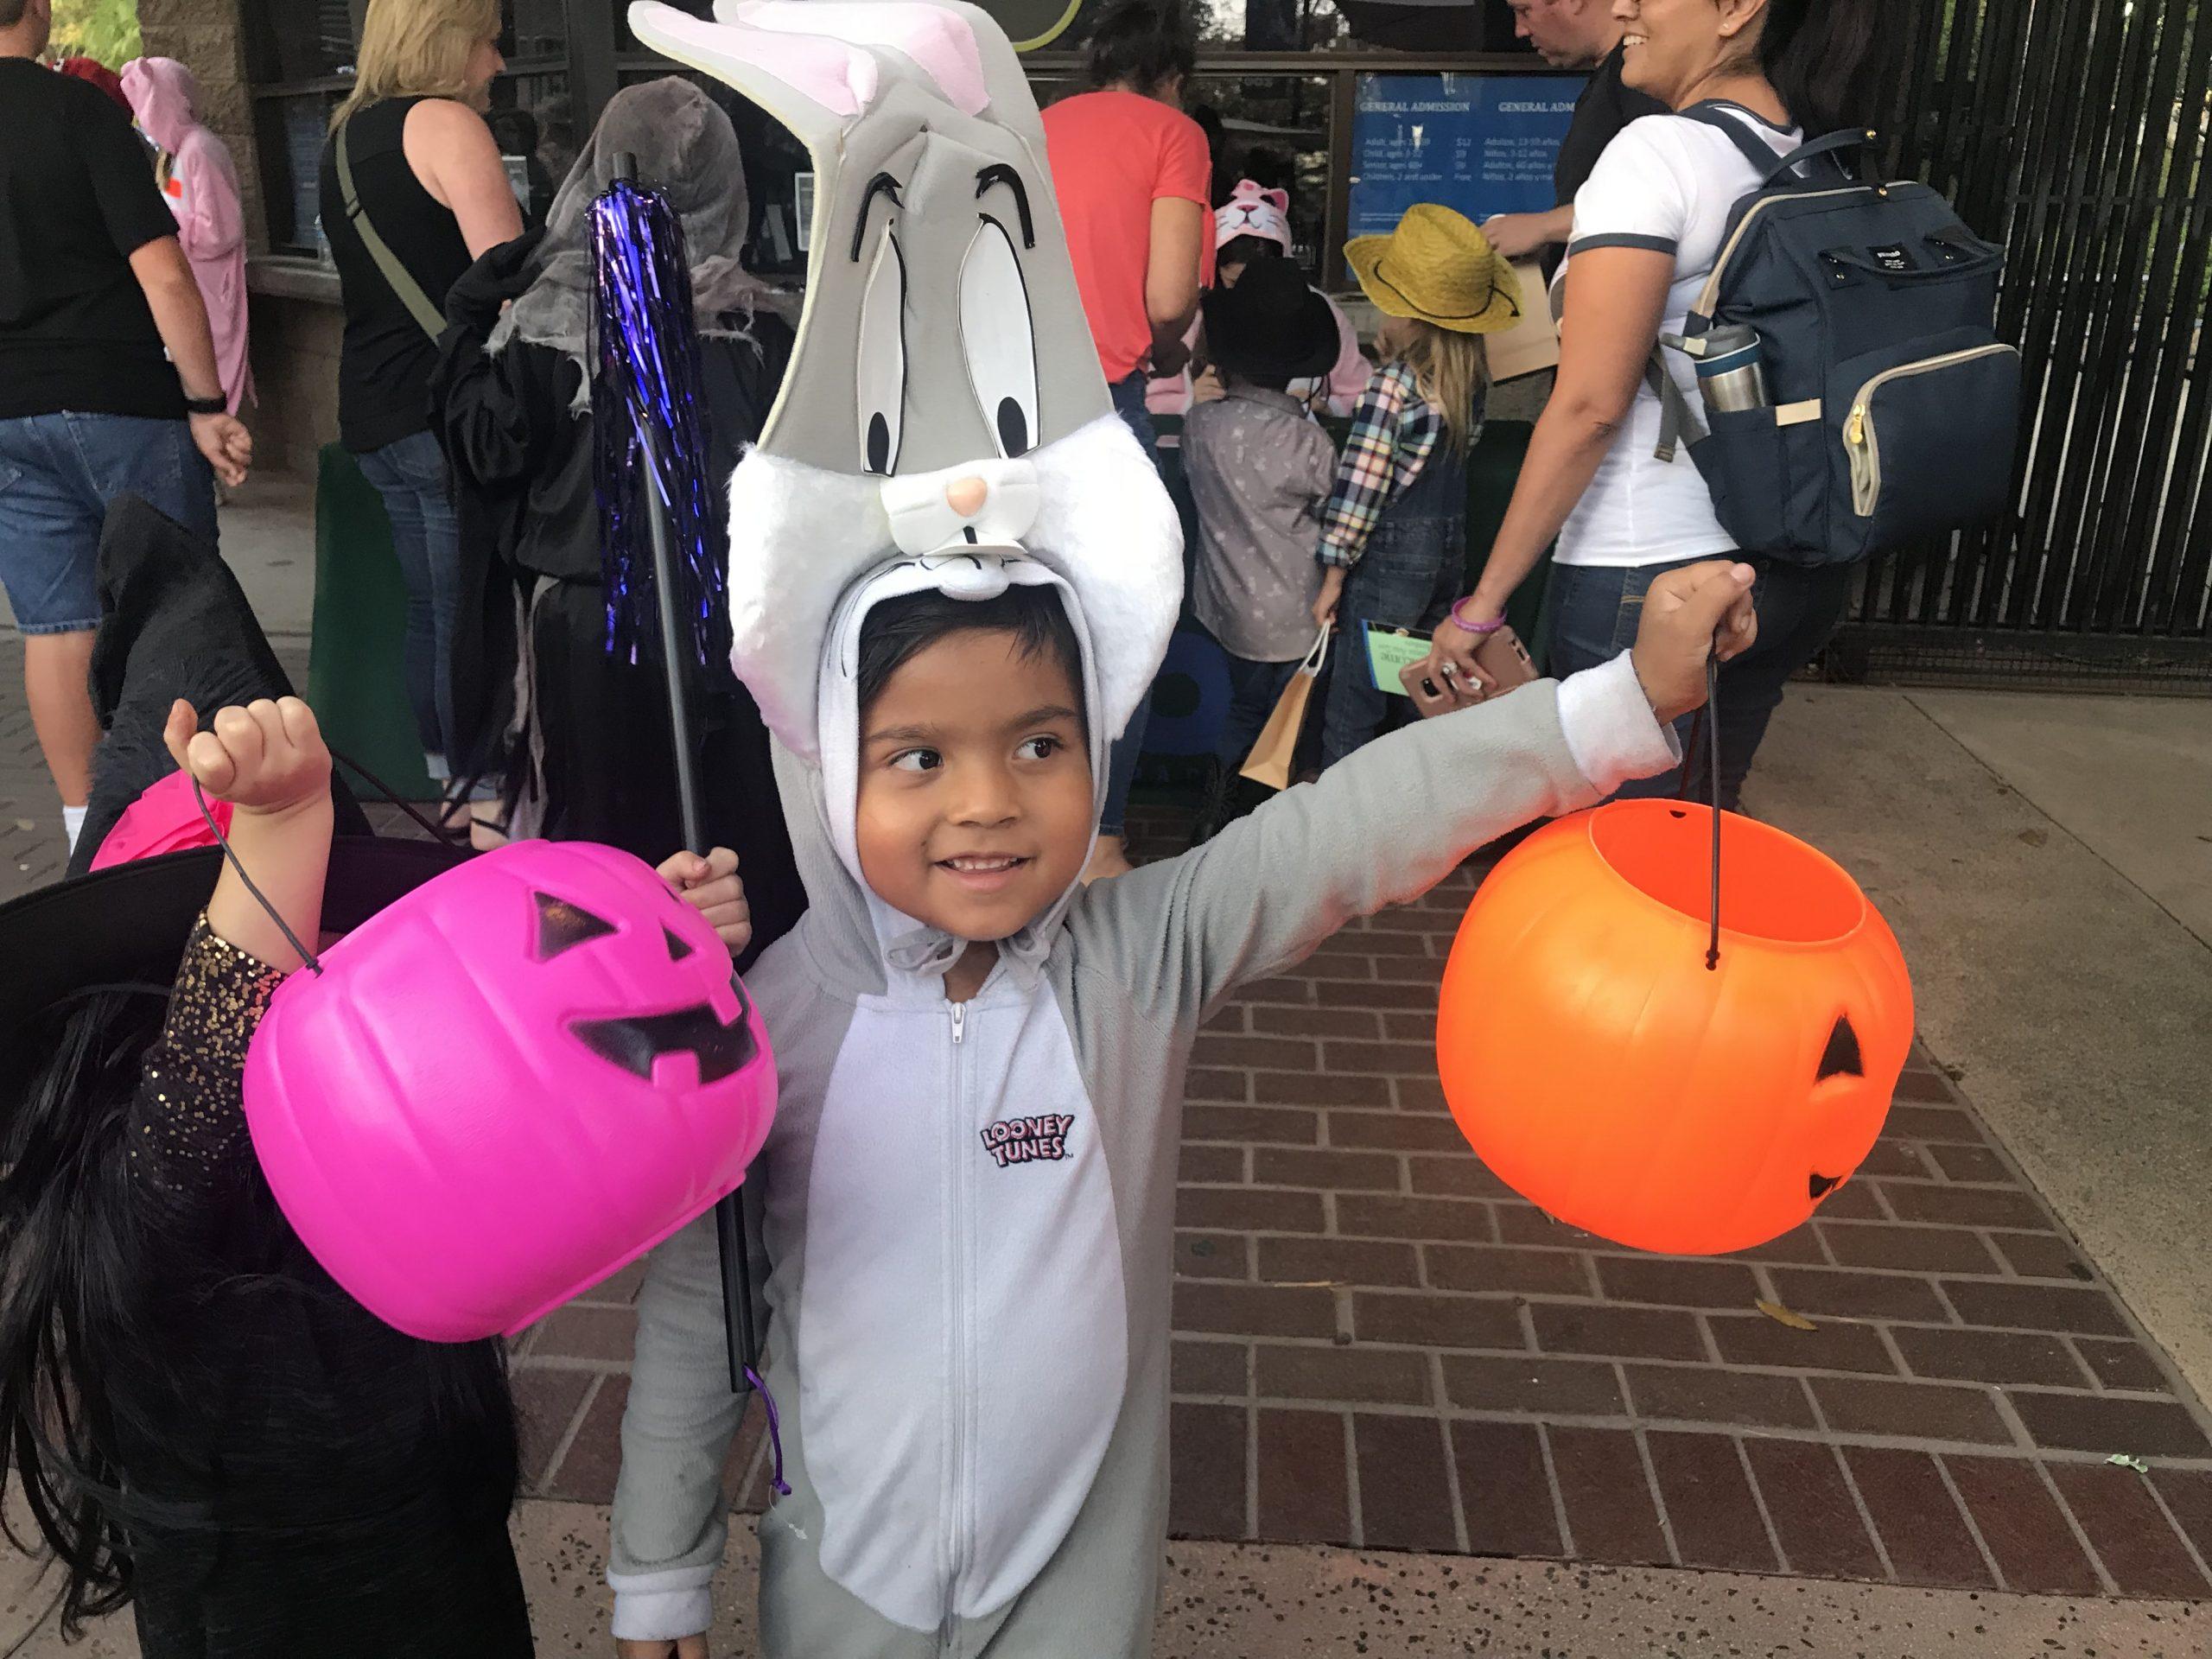 El zoológico de Santa Ana presenta a Boo en el zoológico